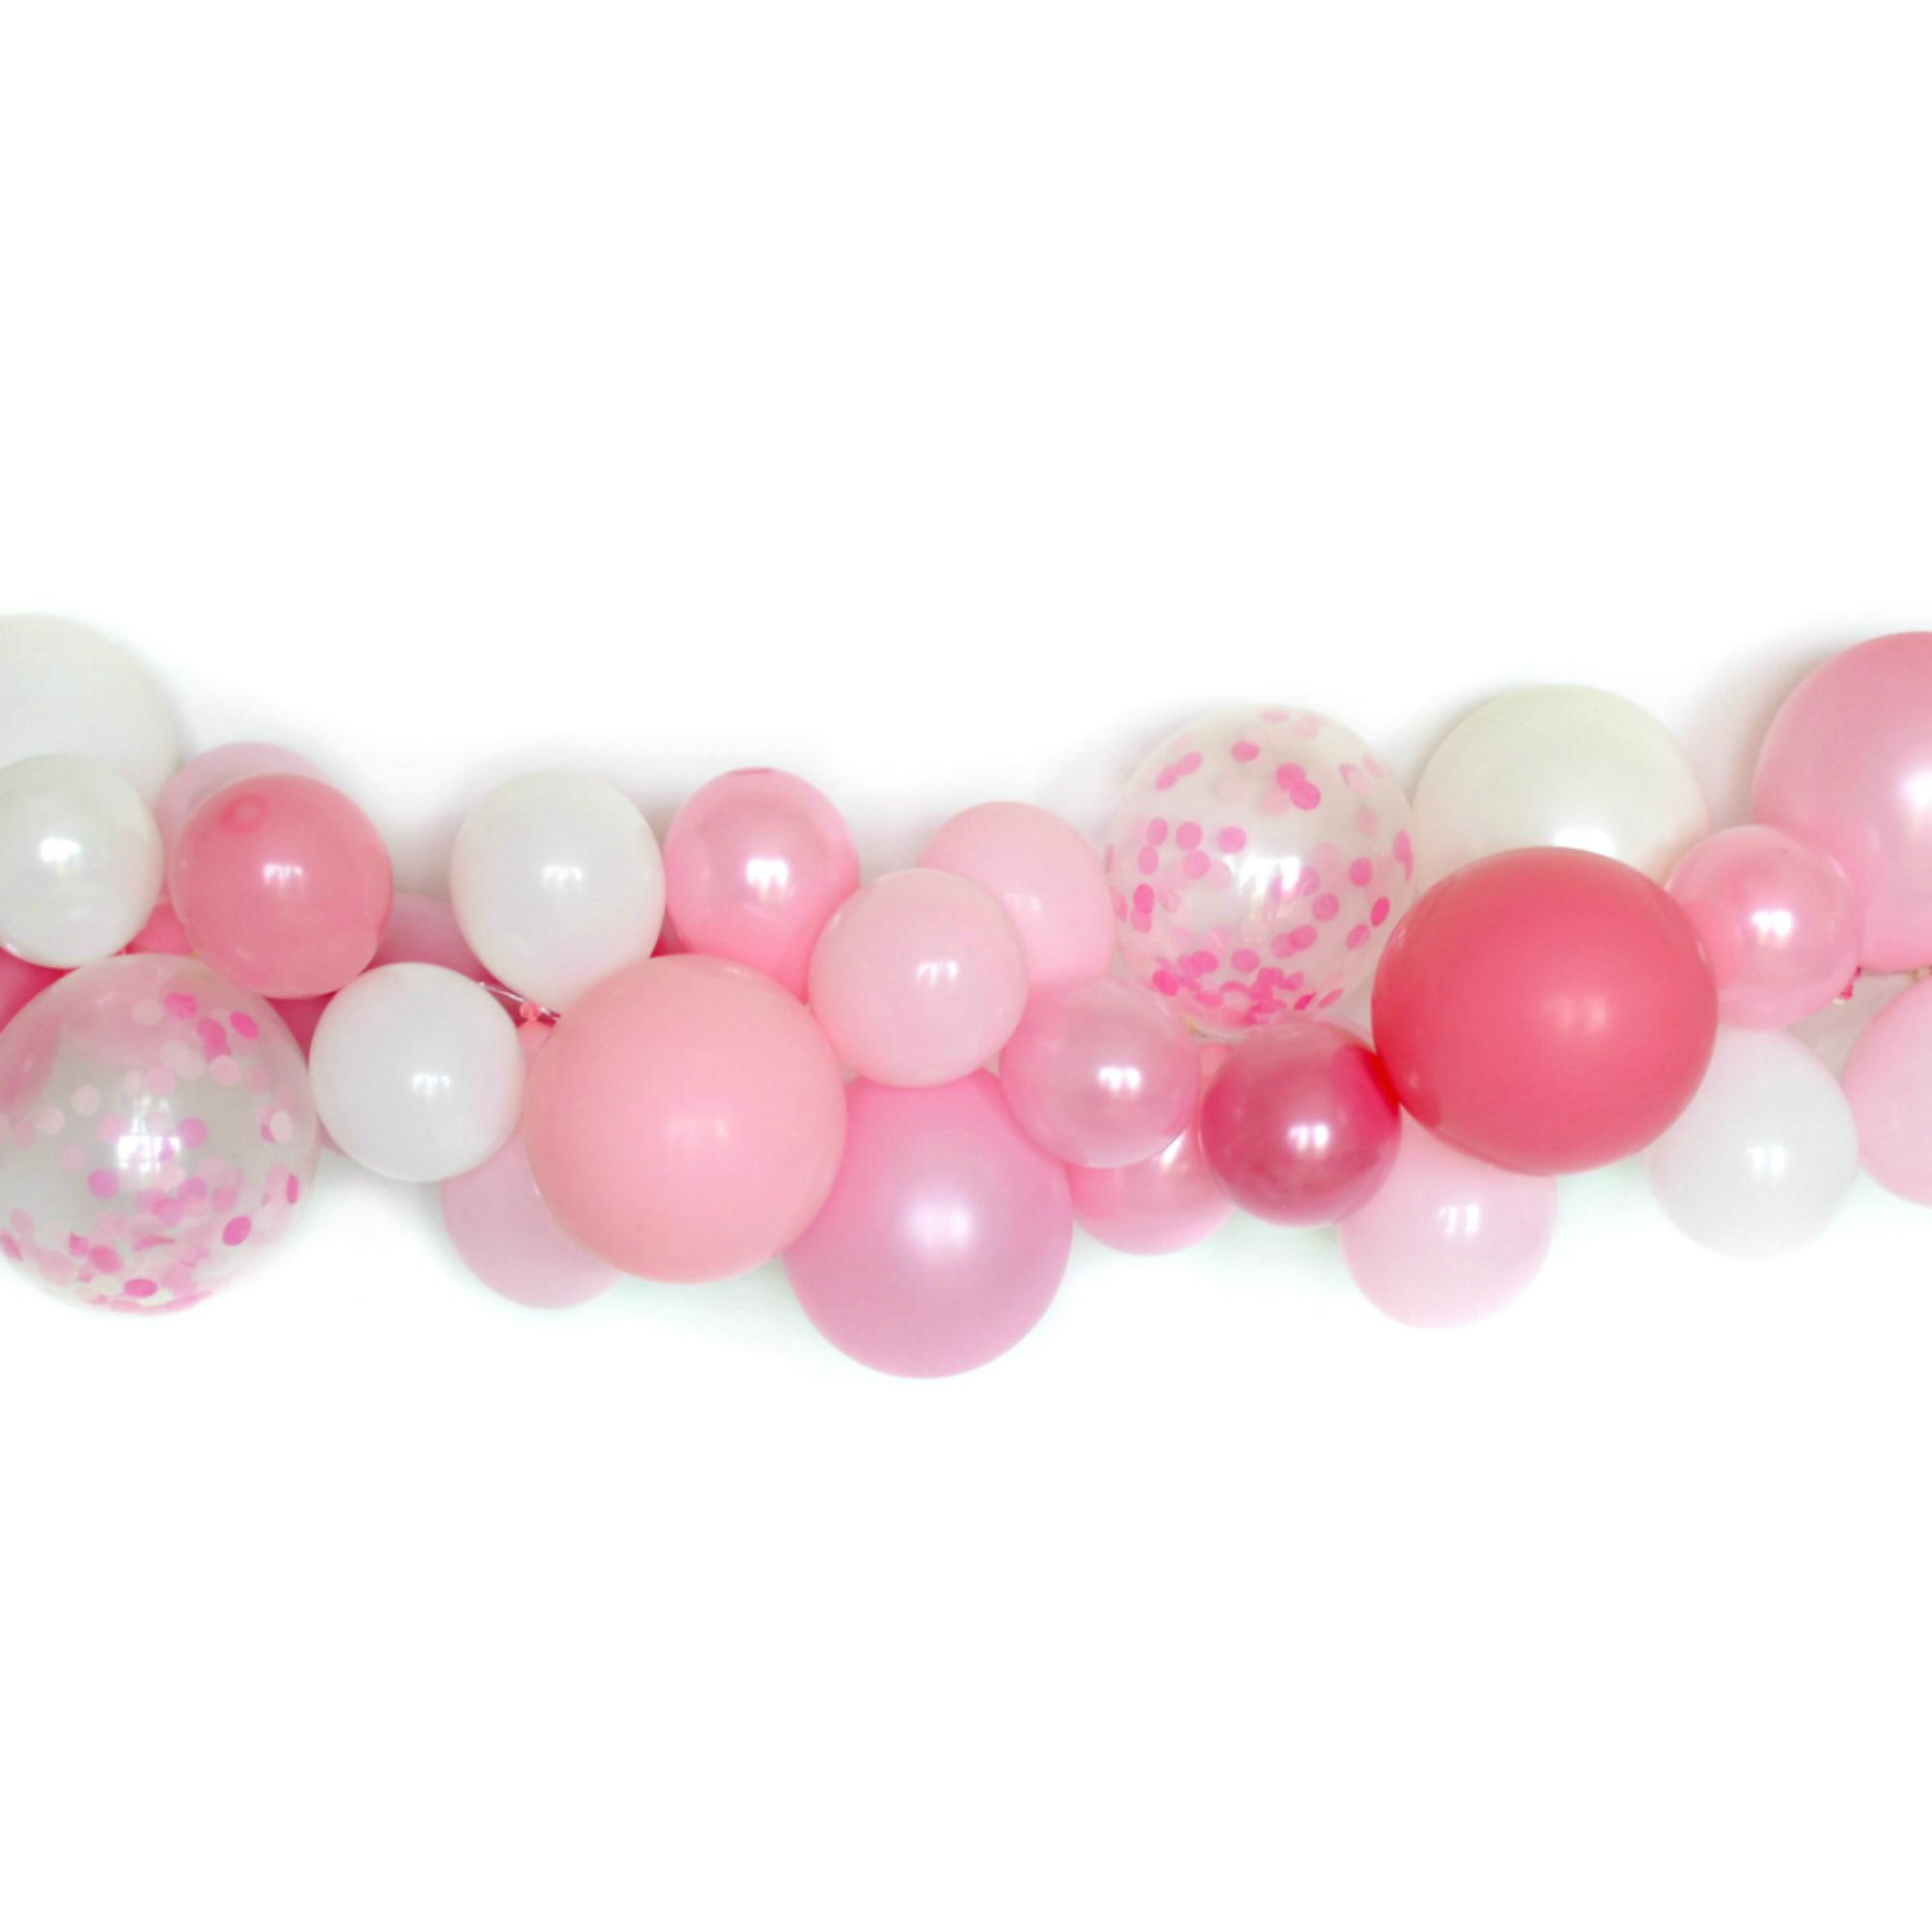 Diy Balloon Garland Kit Pink Peony